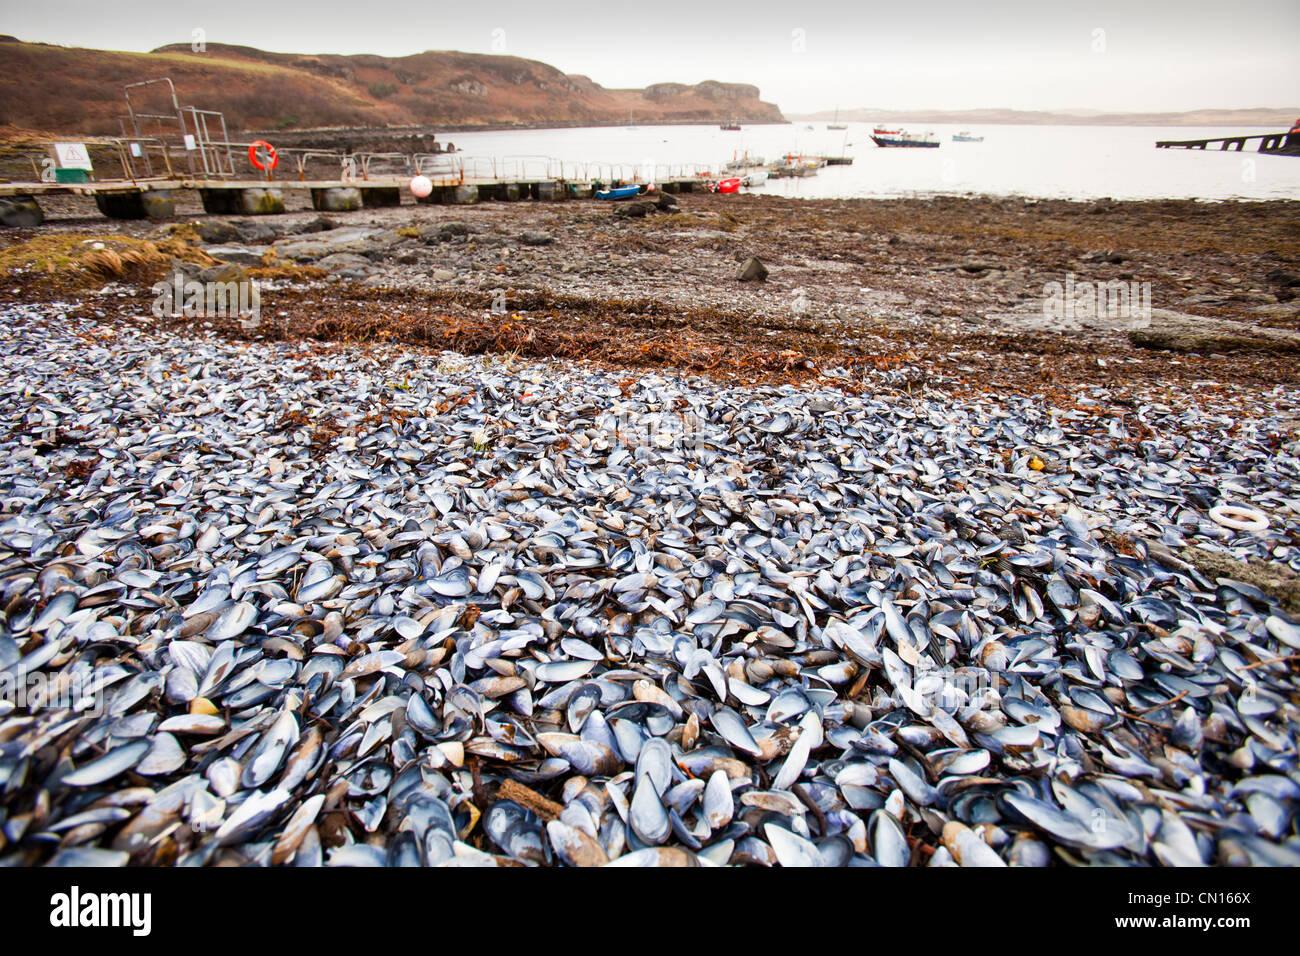 Portnalong conchas en la playa, en la Isla de Skye, Escocia, Reino Unido. Foto de stock